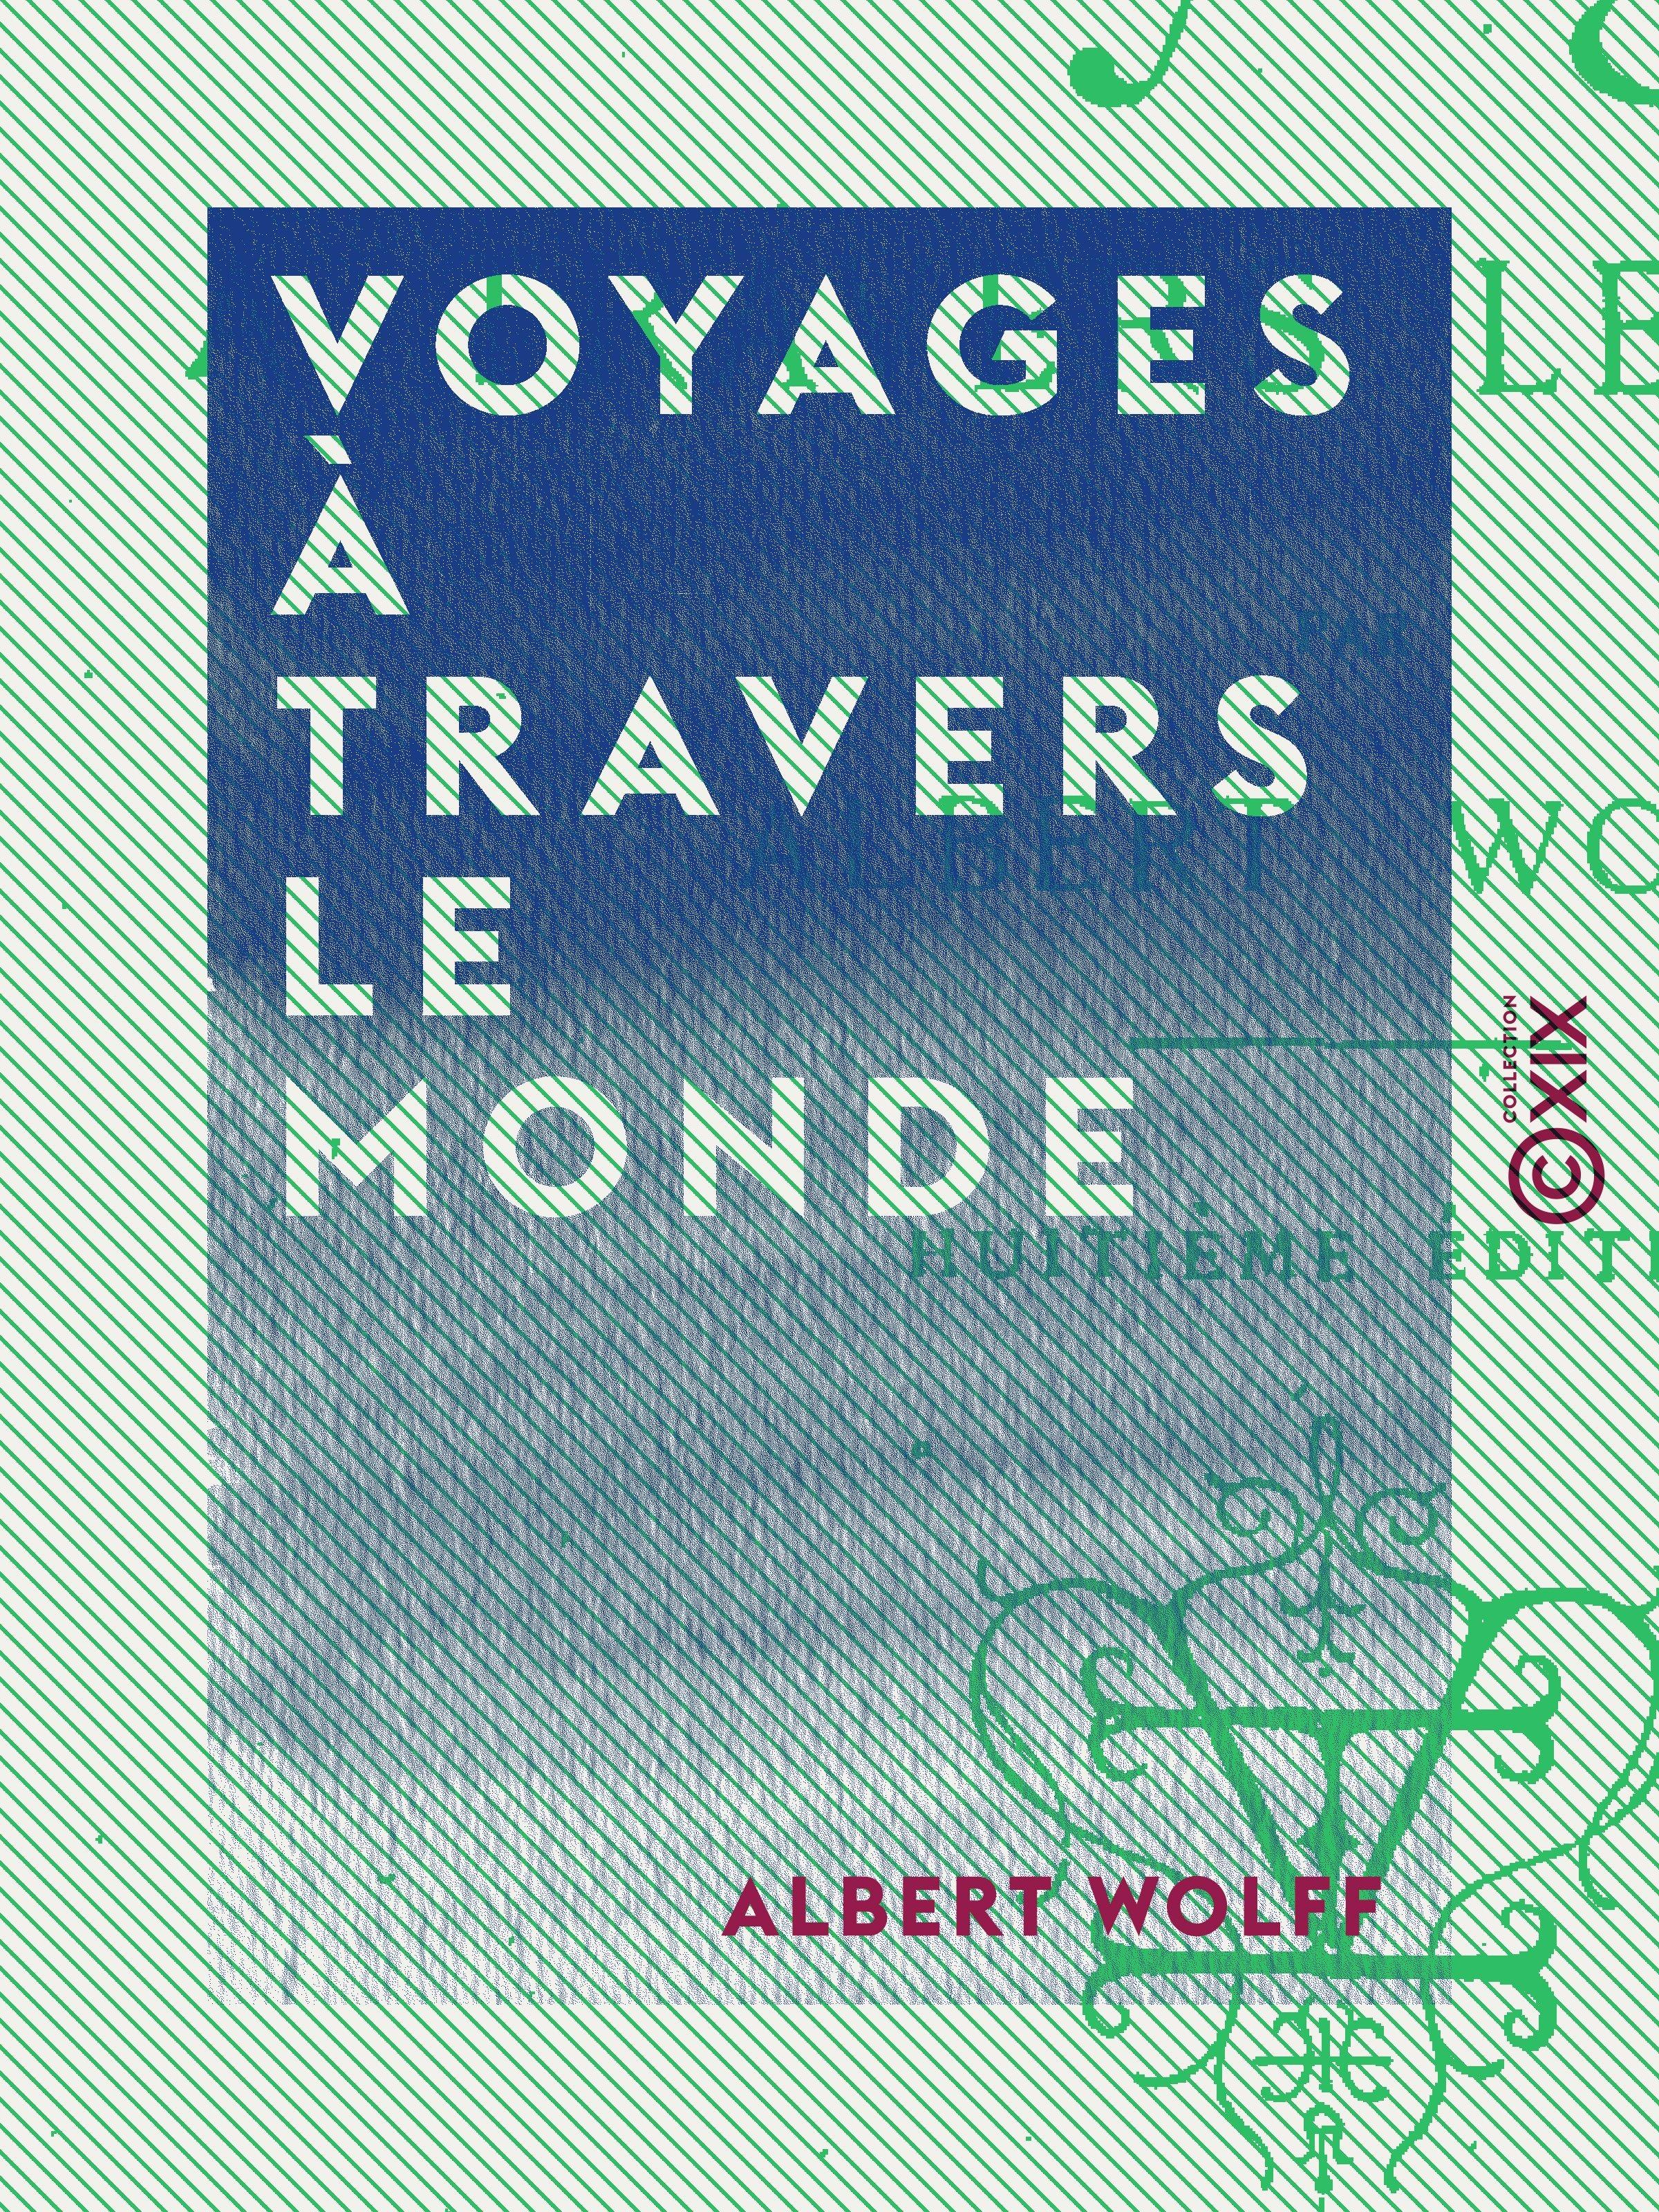 Voyages à travers le monde